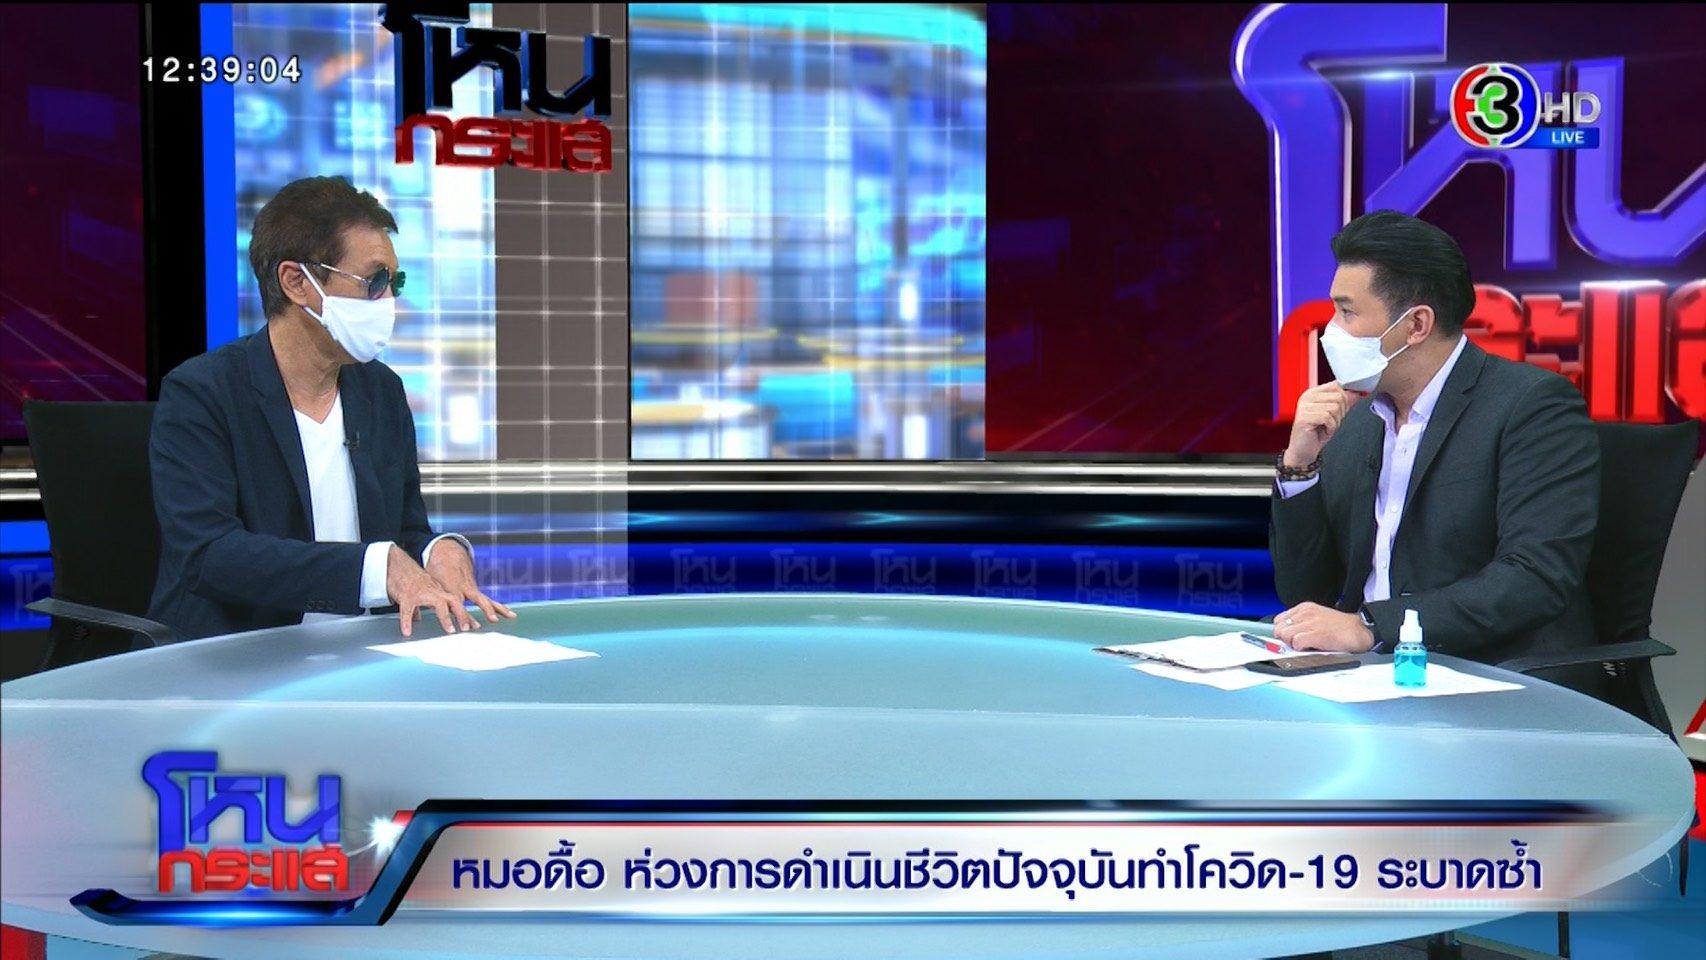 """ยอดติดเชื้อโควิดเกือบ 3พันคน """"หมอธีระวัฒน์ ไม่รู้ตรวจแล้วกี่คน ชี้แห่ซื้อเหล้า น่าห่วงประเทศไทยไม่มีความสำเร็จ"""